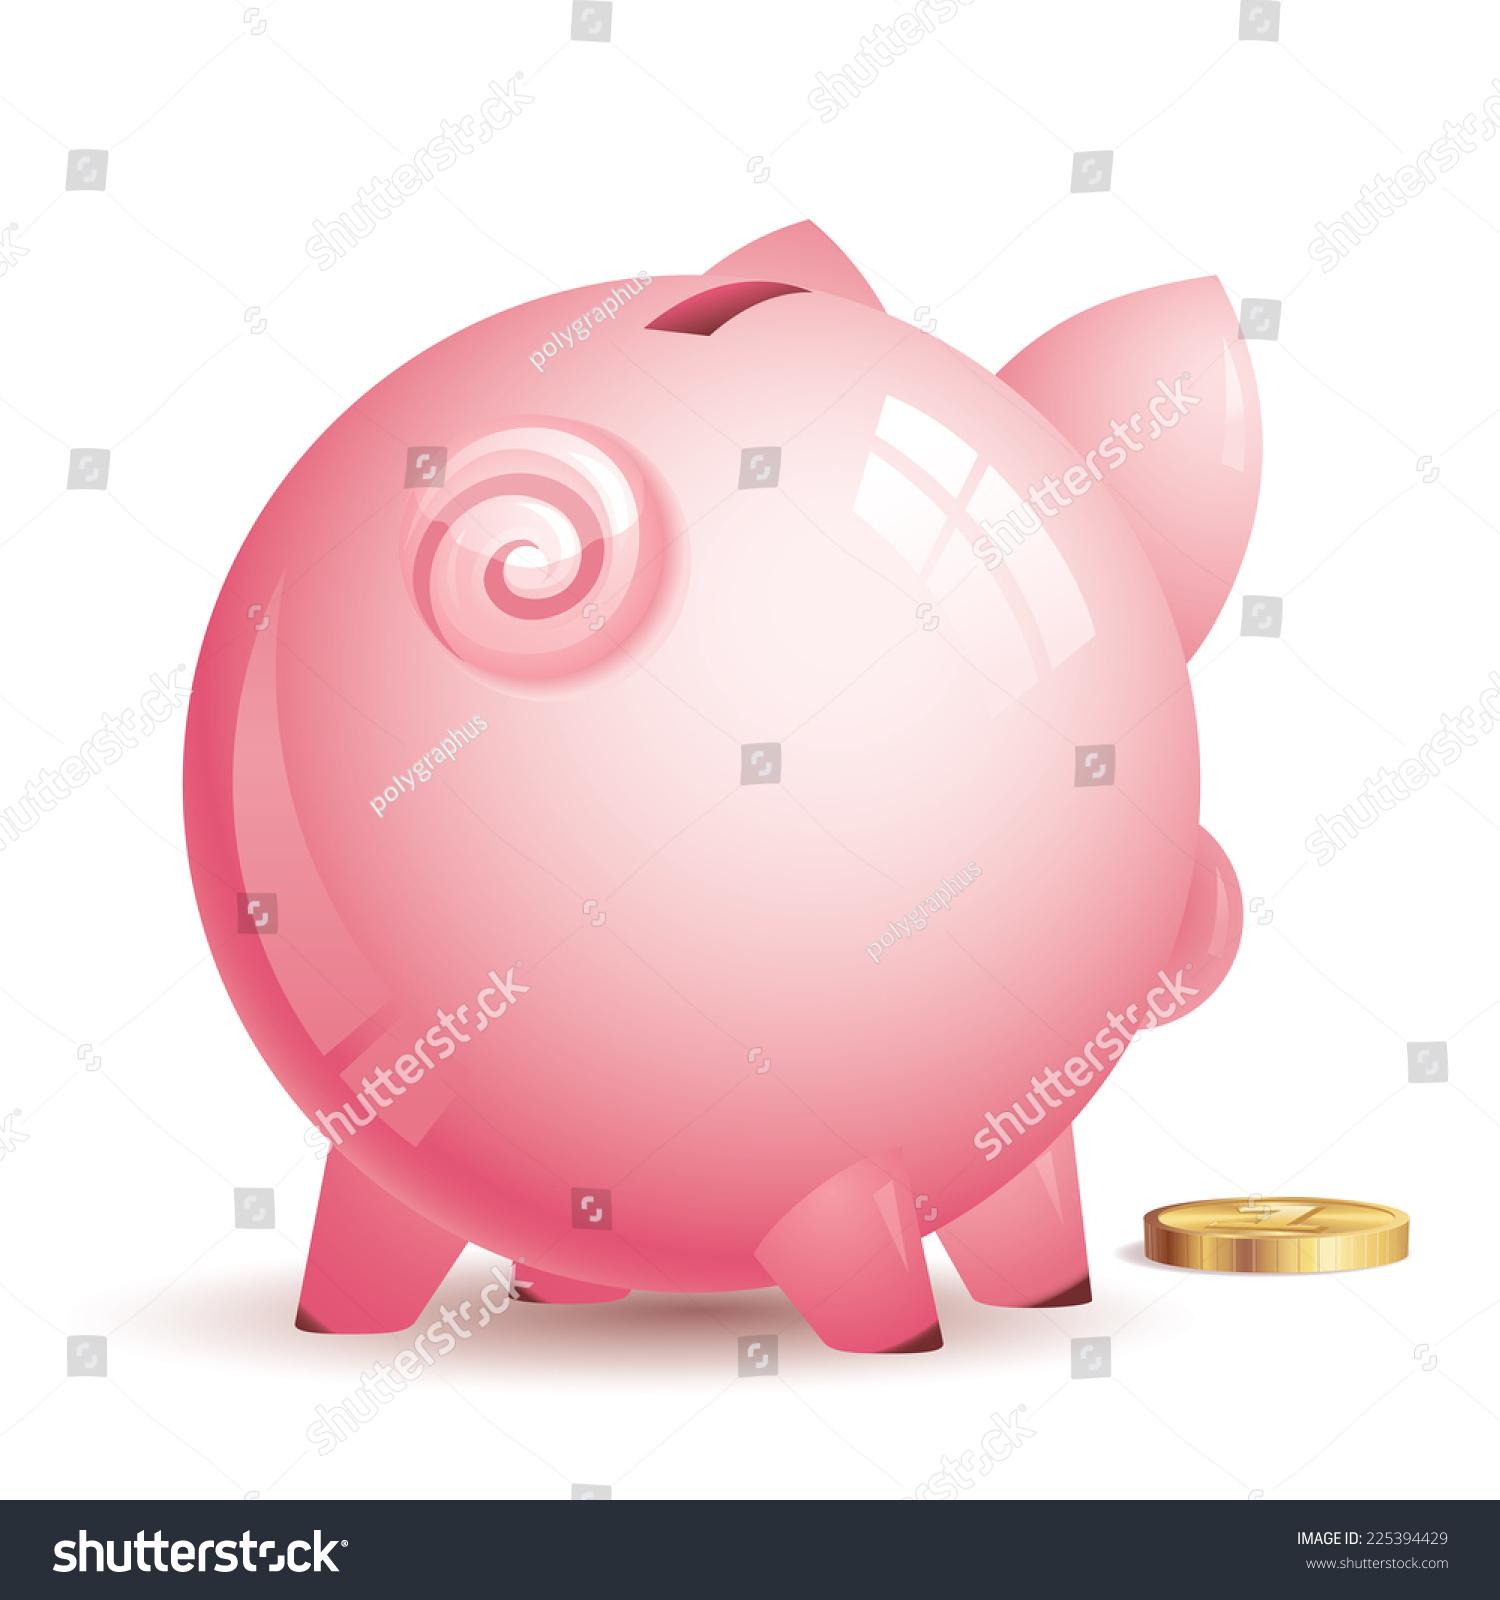 带金币的粉红色存钱罐.eps8.cmyk.按层次组织.全球.